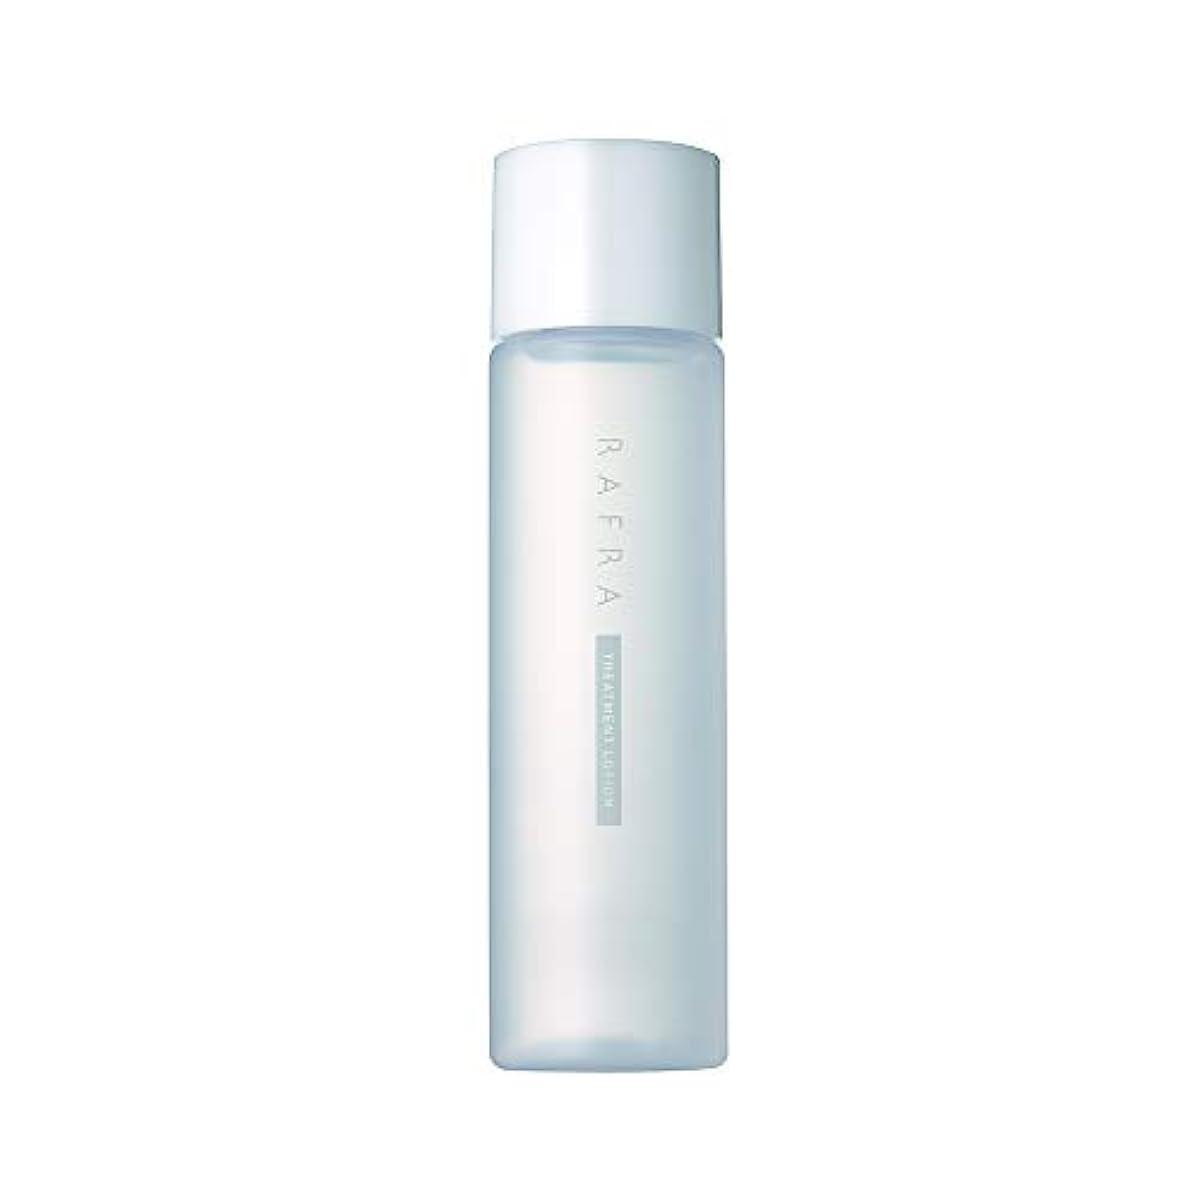 みぞれシルエット苦ラフラ トリートメントローション 150ml 化粧水 ブースター 導入液